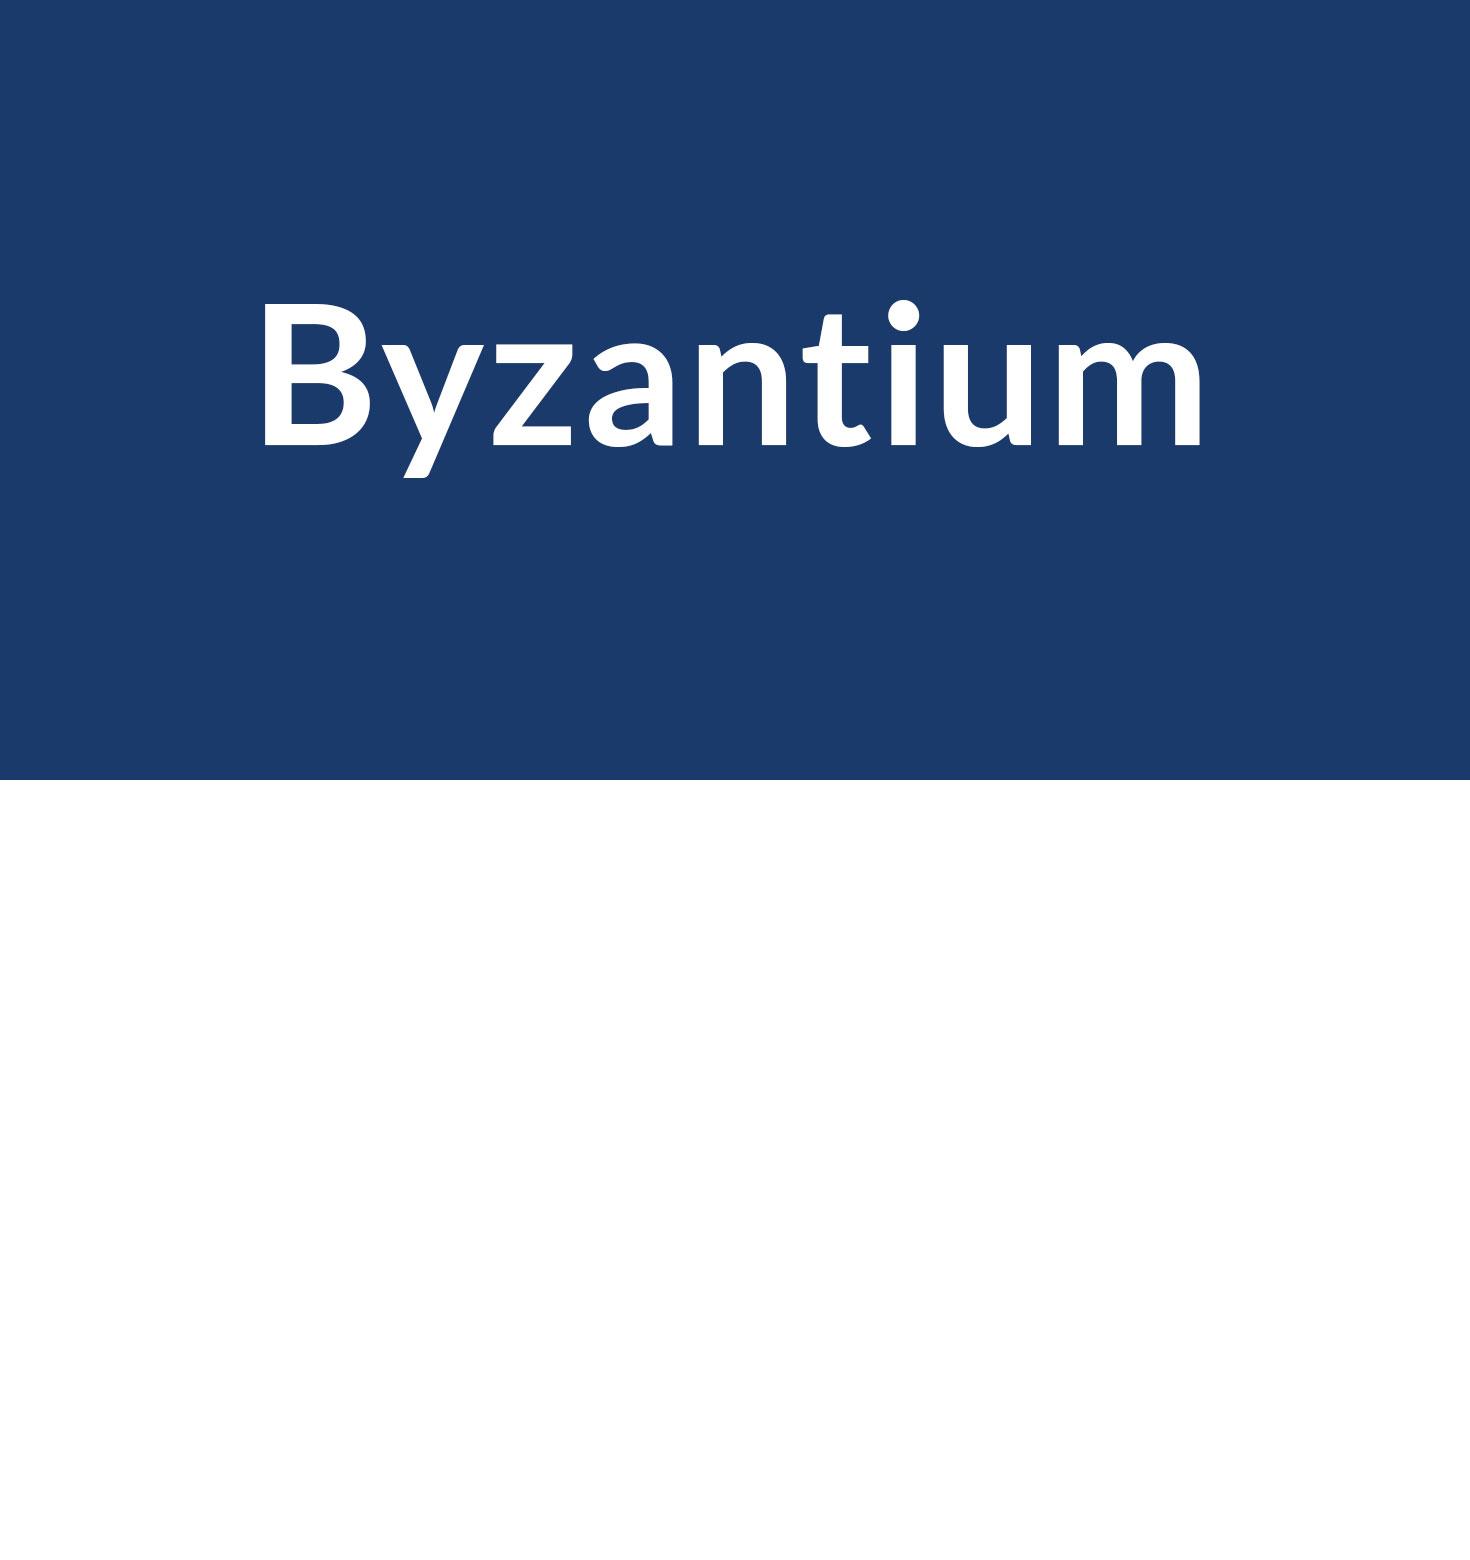 Byzantium-Logo.jpg